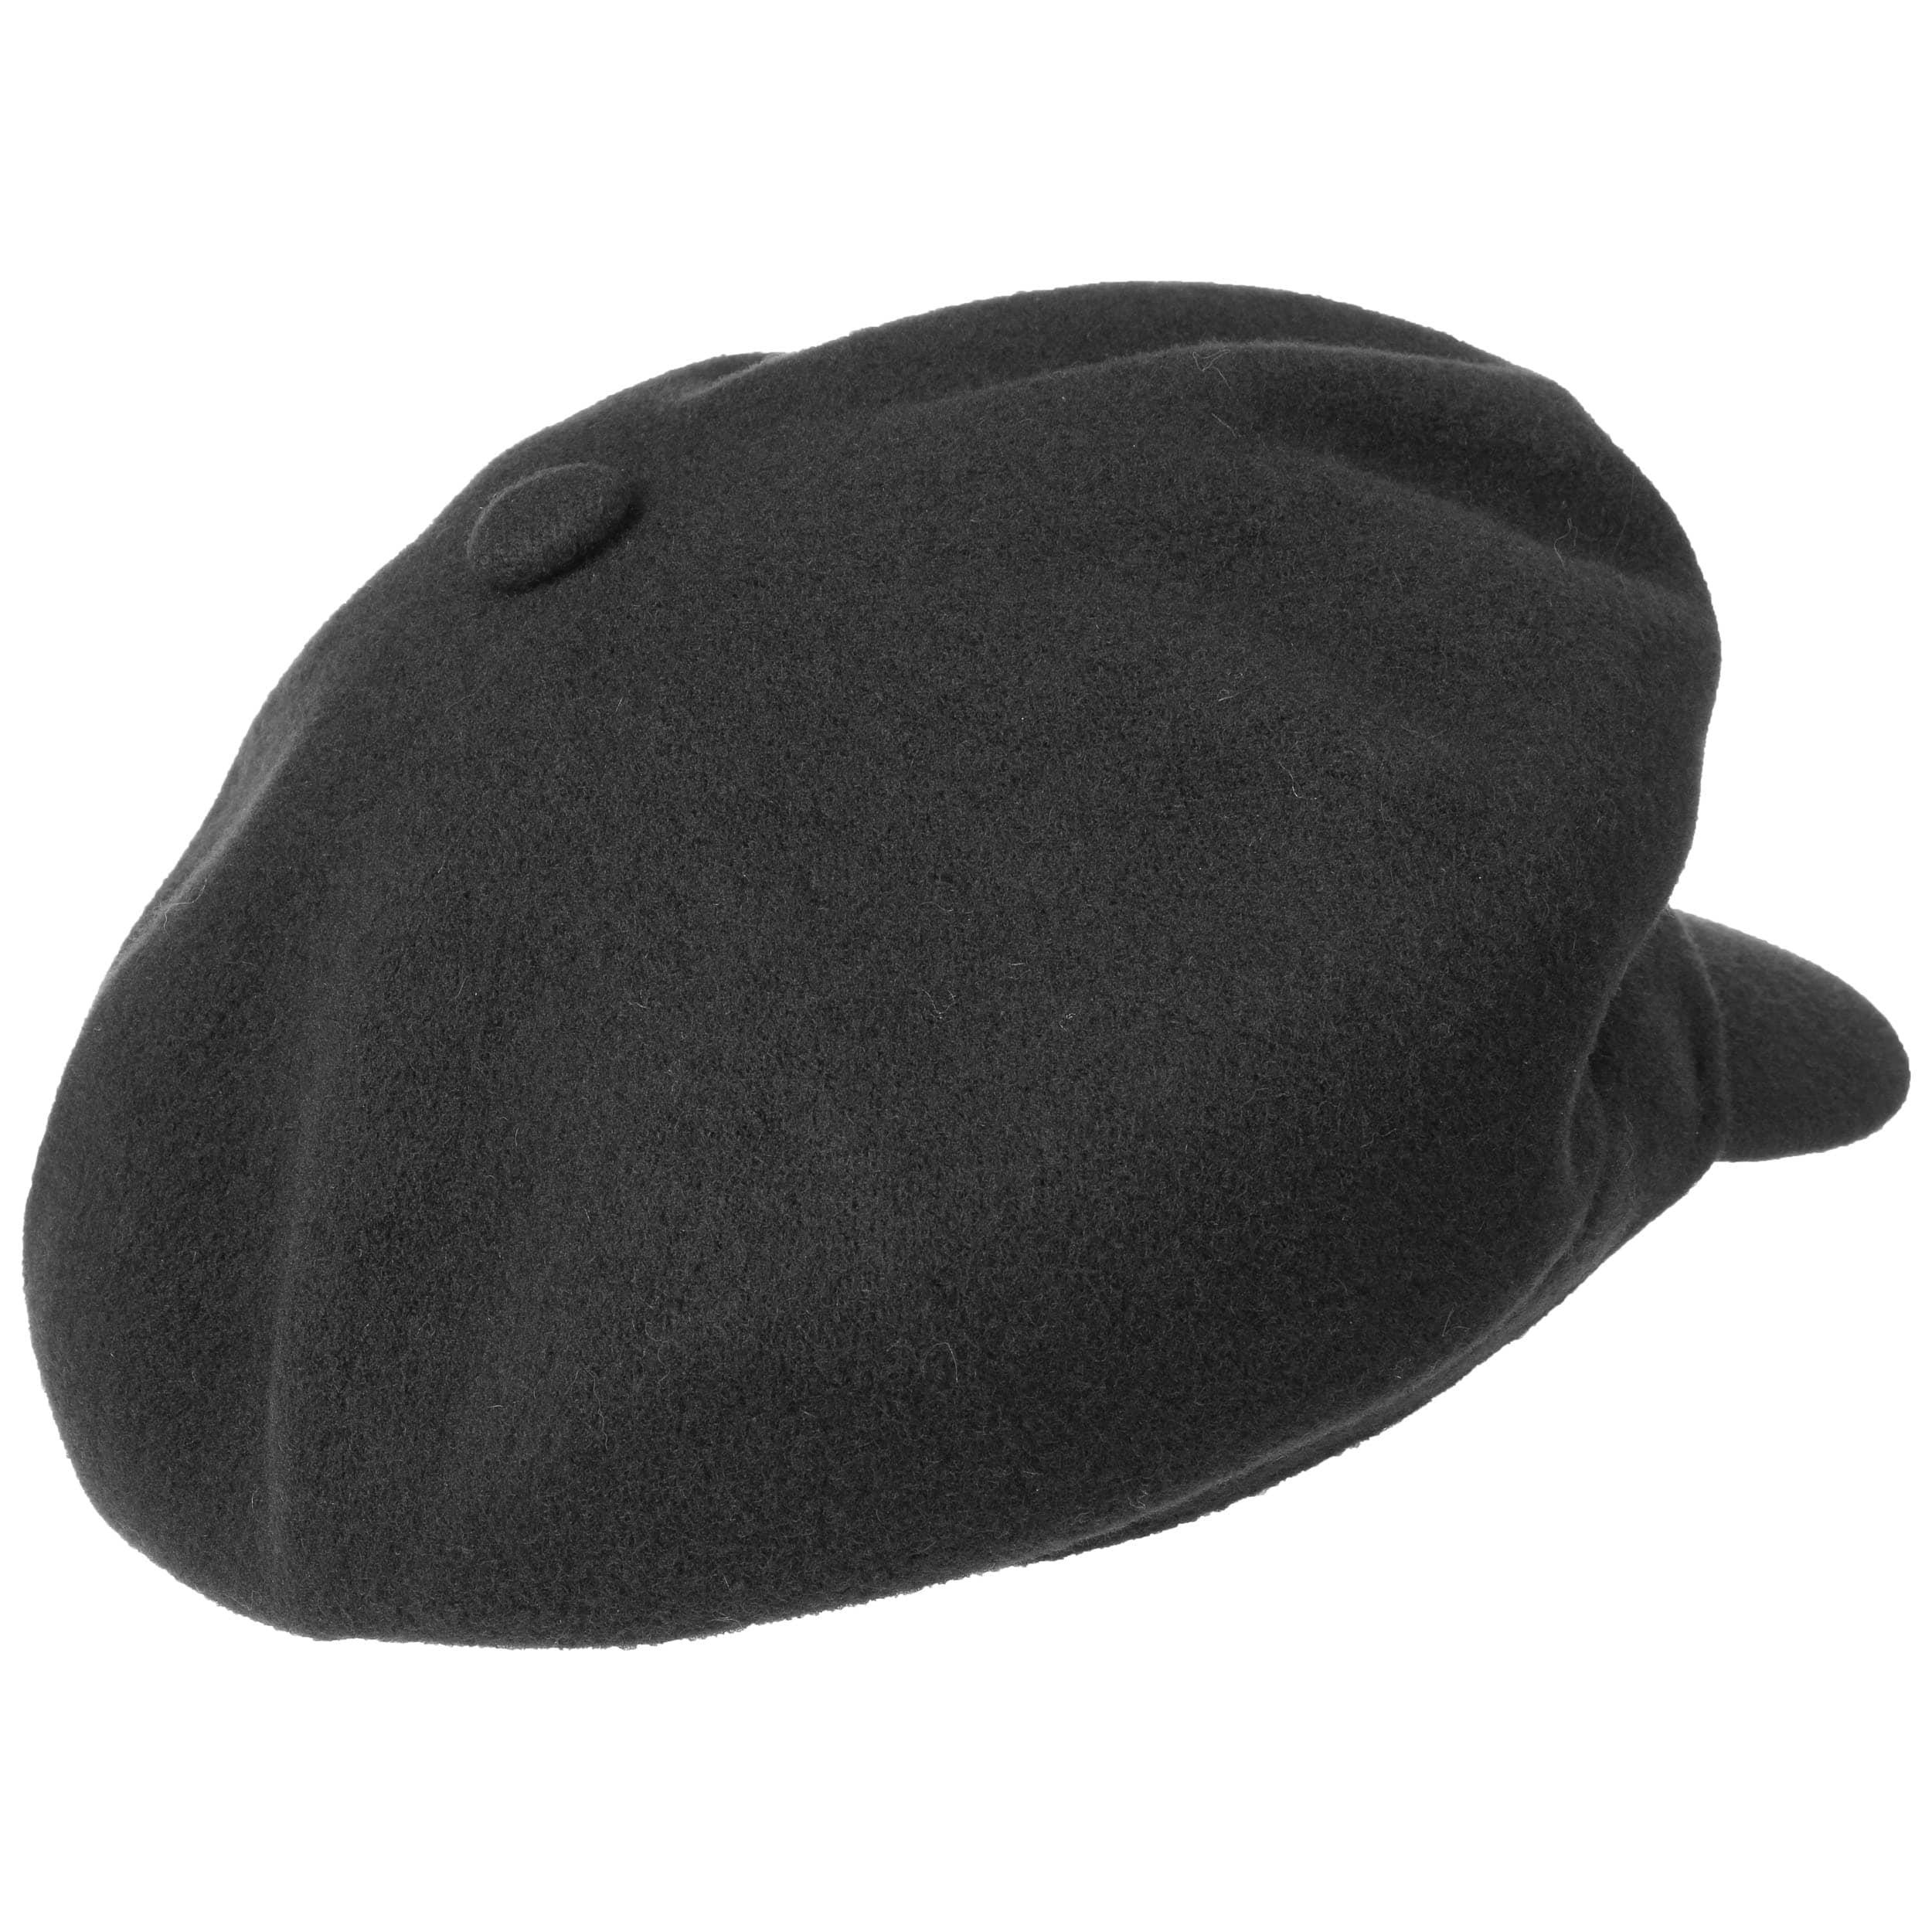 New Grey Kangol Spitfire Baker boy Cap Wool